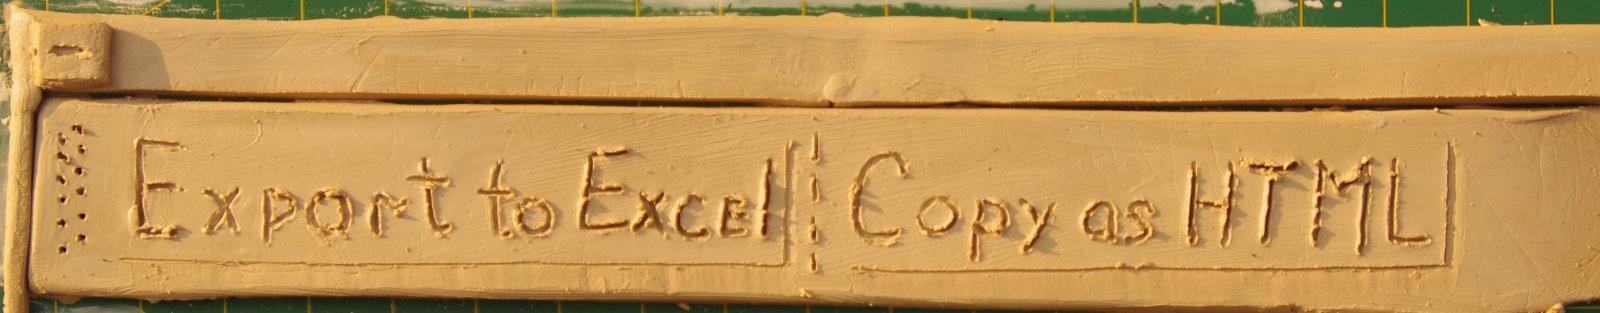 Элитные прокси для брут Clash Of Clans Элитные Прокси Для Брута Social Club Обзор Брутчеккера Social качественные прокси socks5 для парсинга почтовых адресов- прокси для парсинга yandex